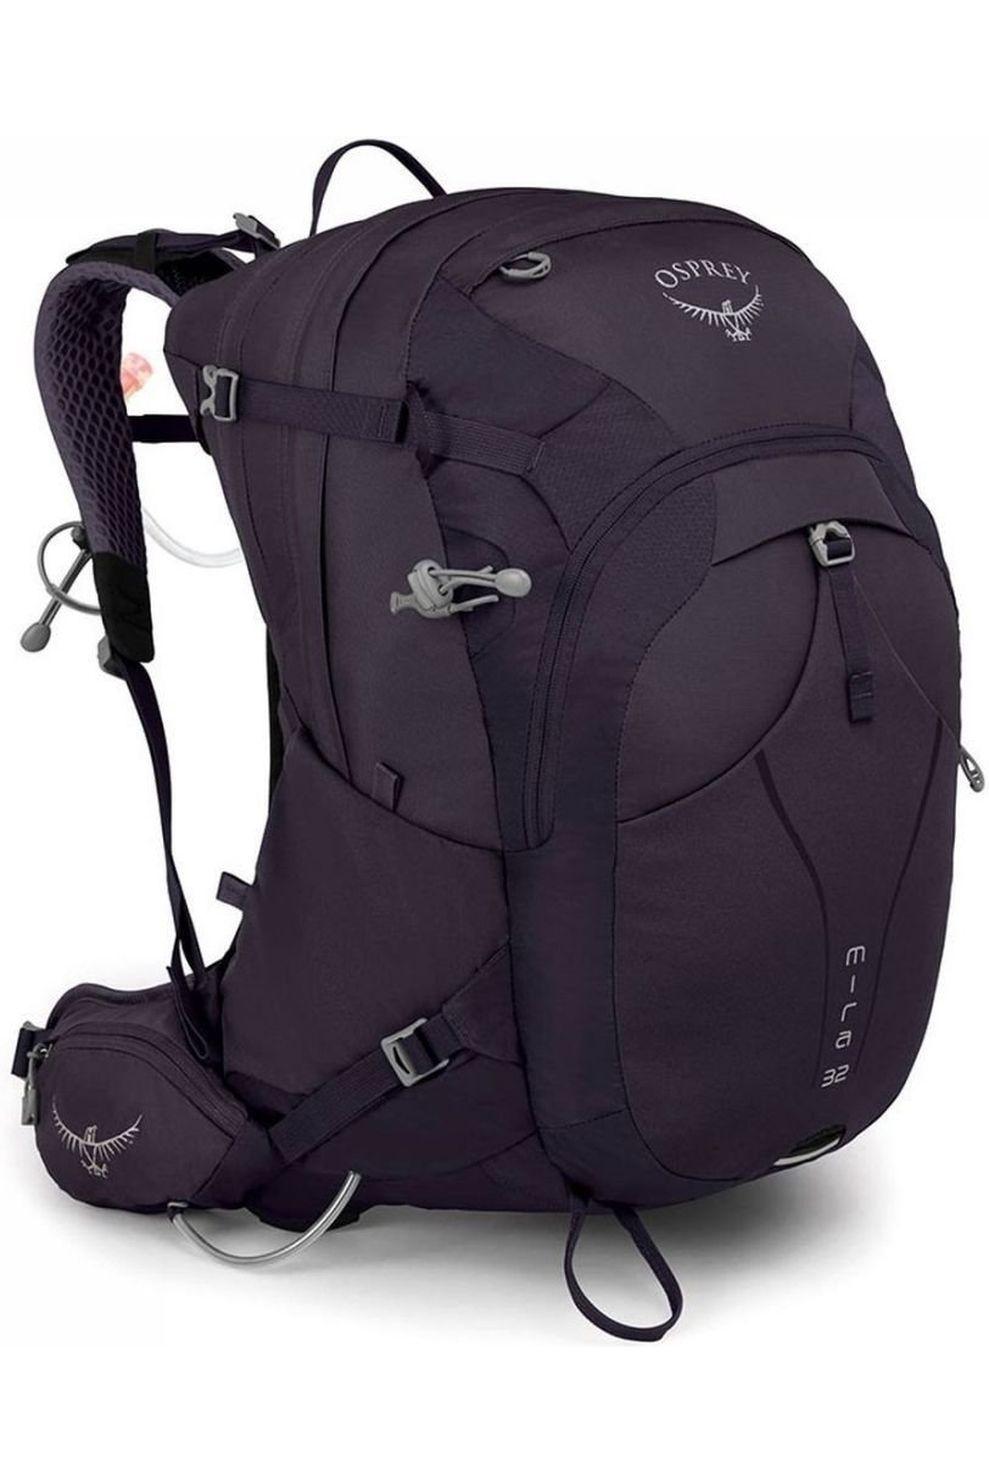 Osprey Tourpack Mira 32 voor dames - Grijs